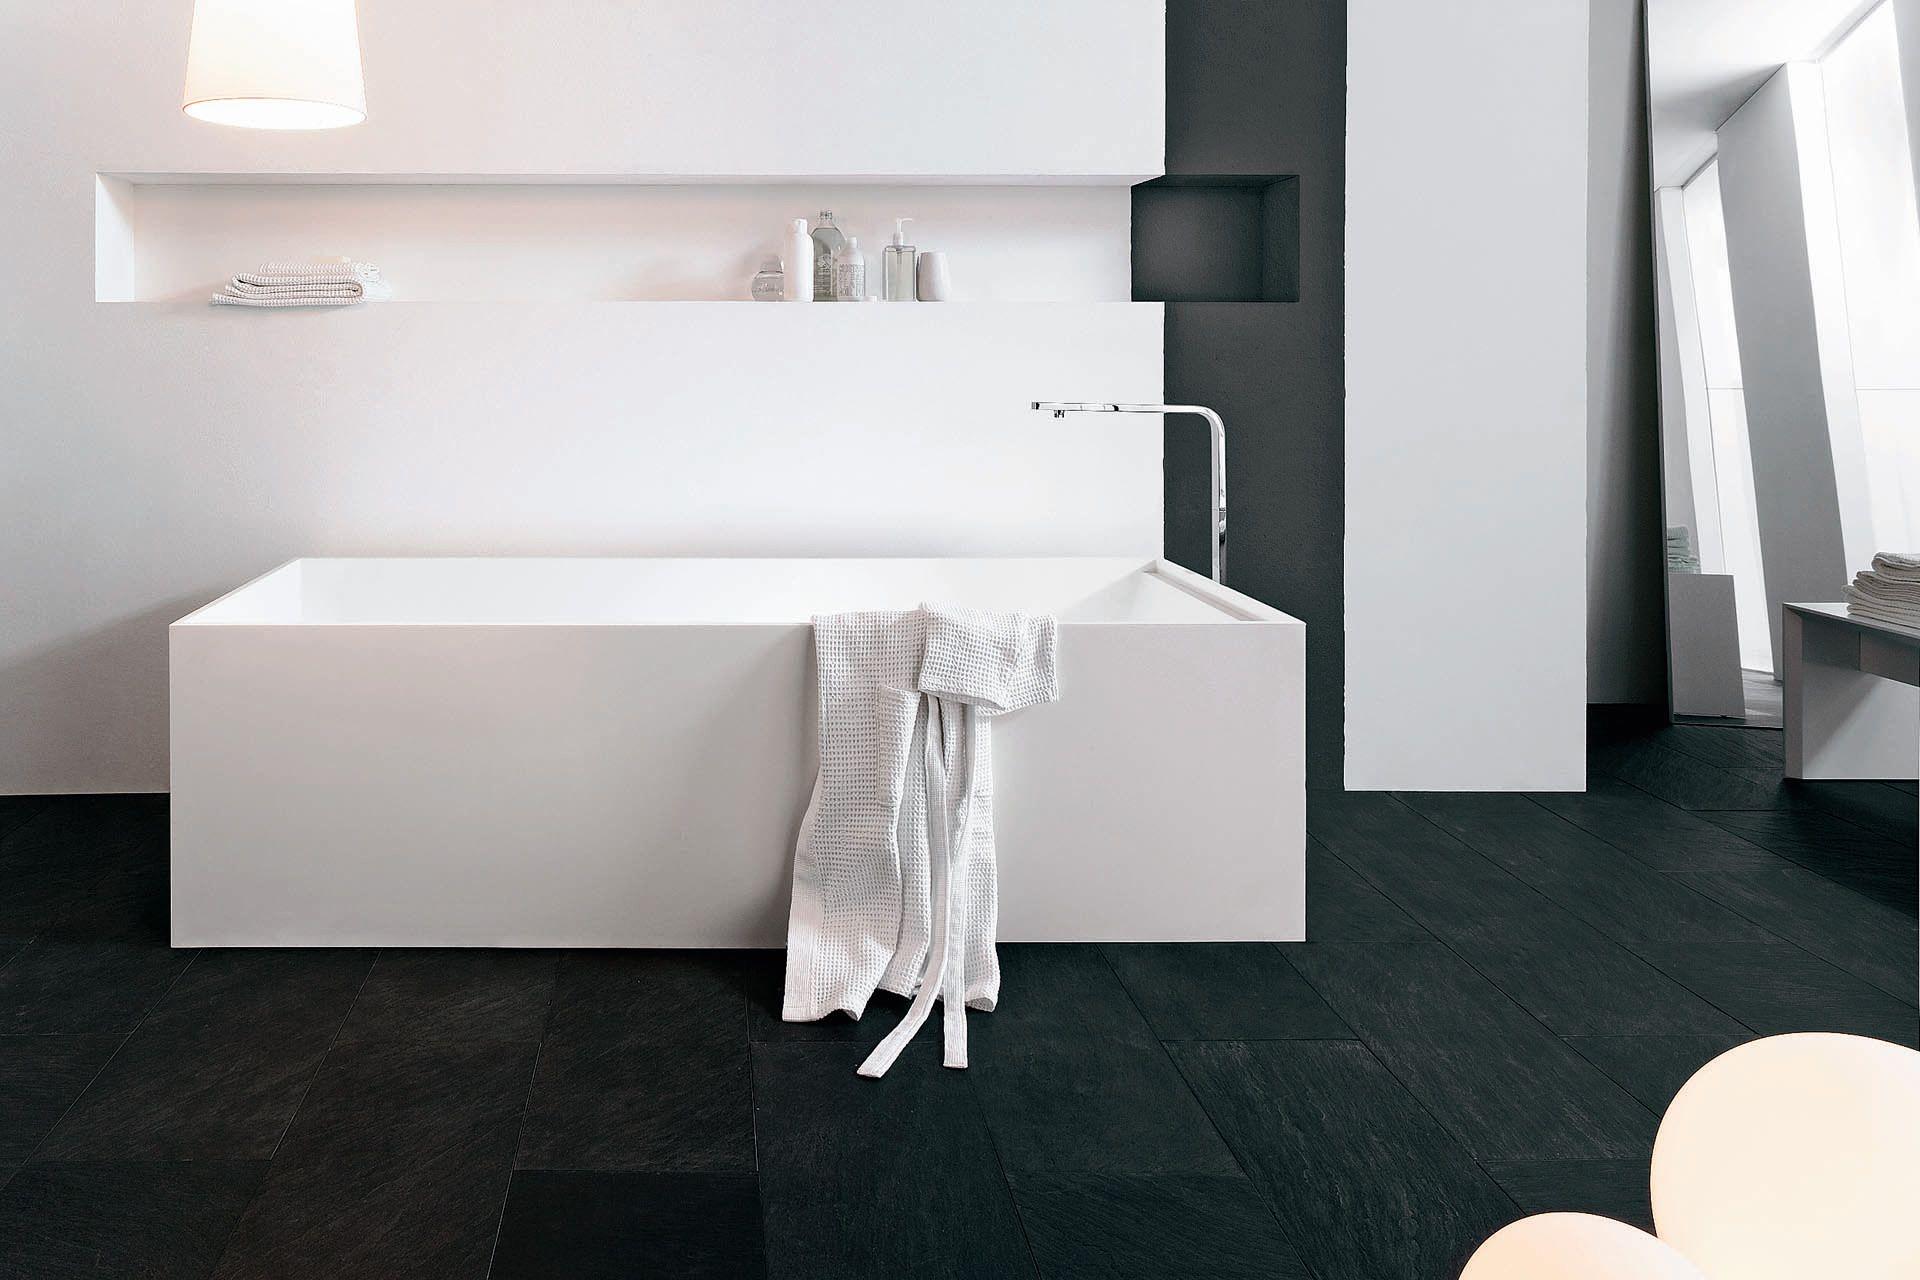 Bathtub Arlexitalia rectangular in Corian Vasca, Vasca